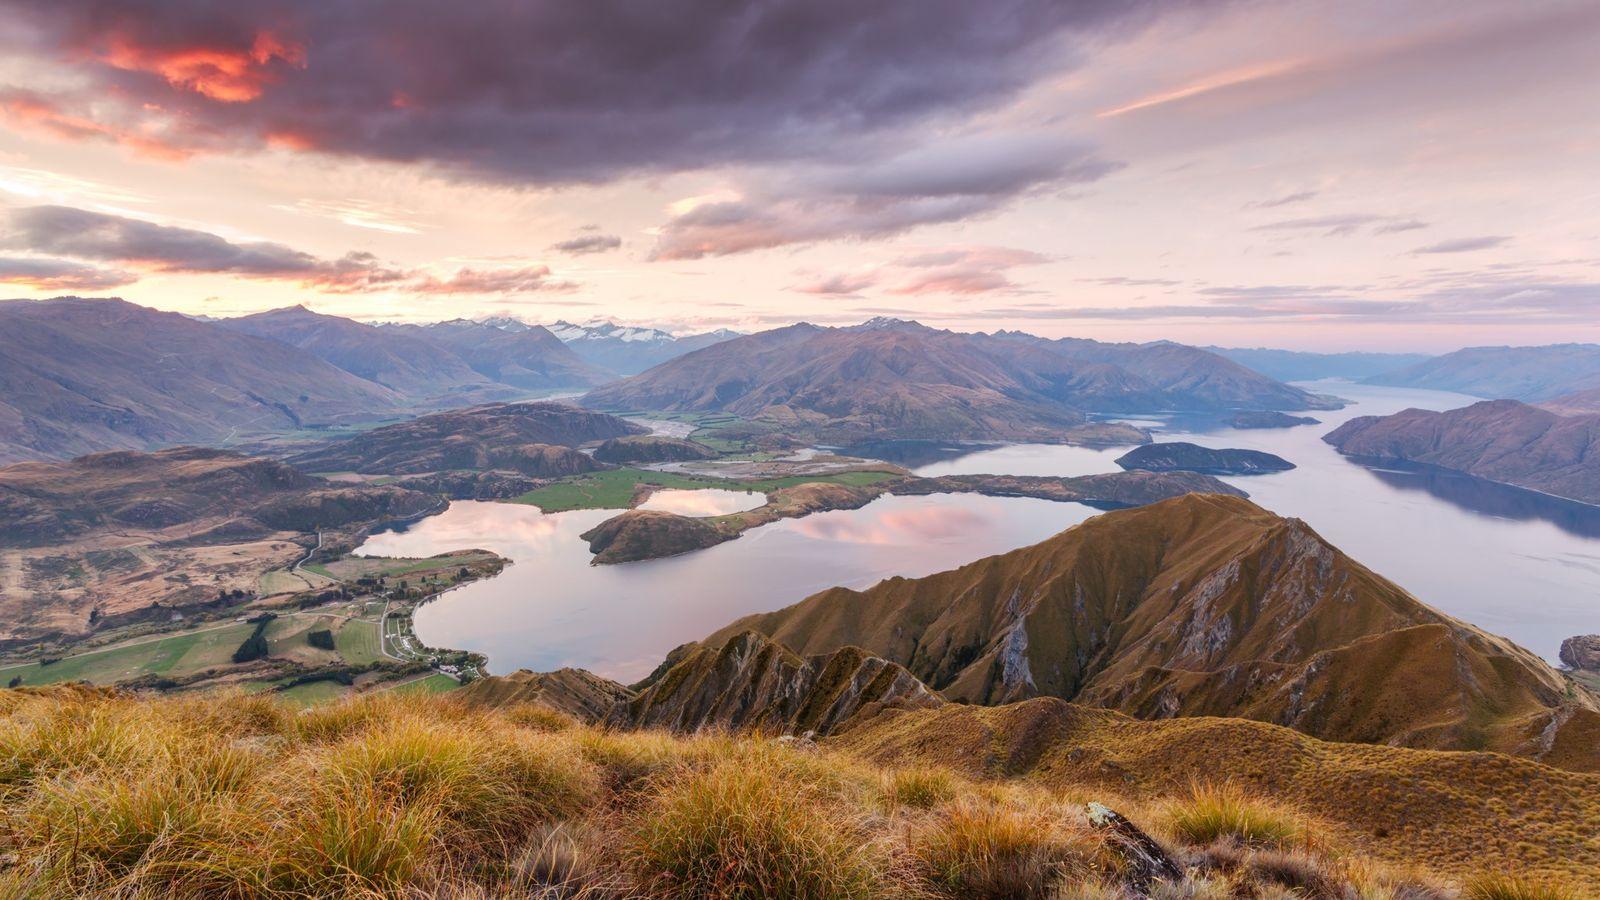 Avec son panorama sur le lac Wanaka, Roys Peak est la halte idéale pour les randonneurs ...